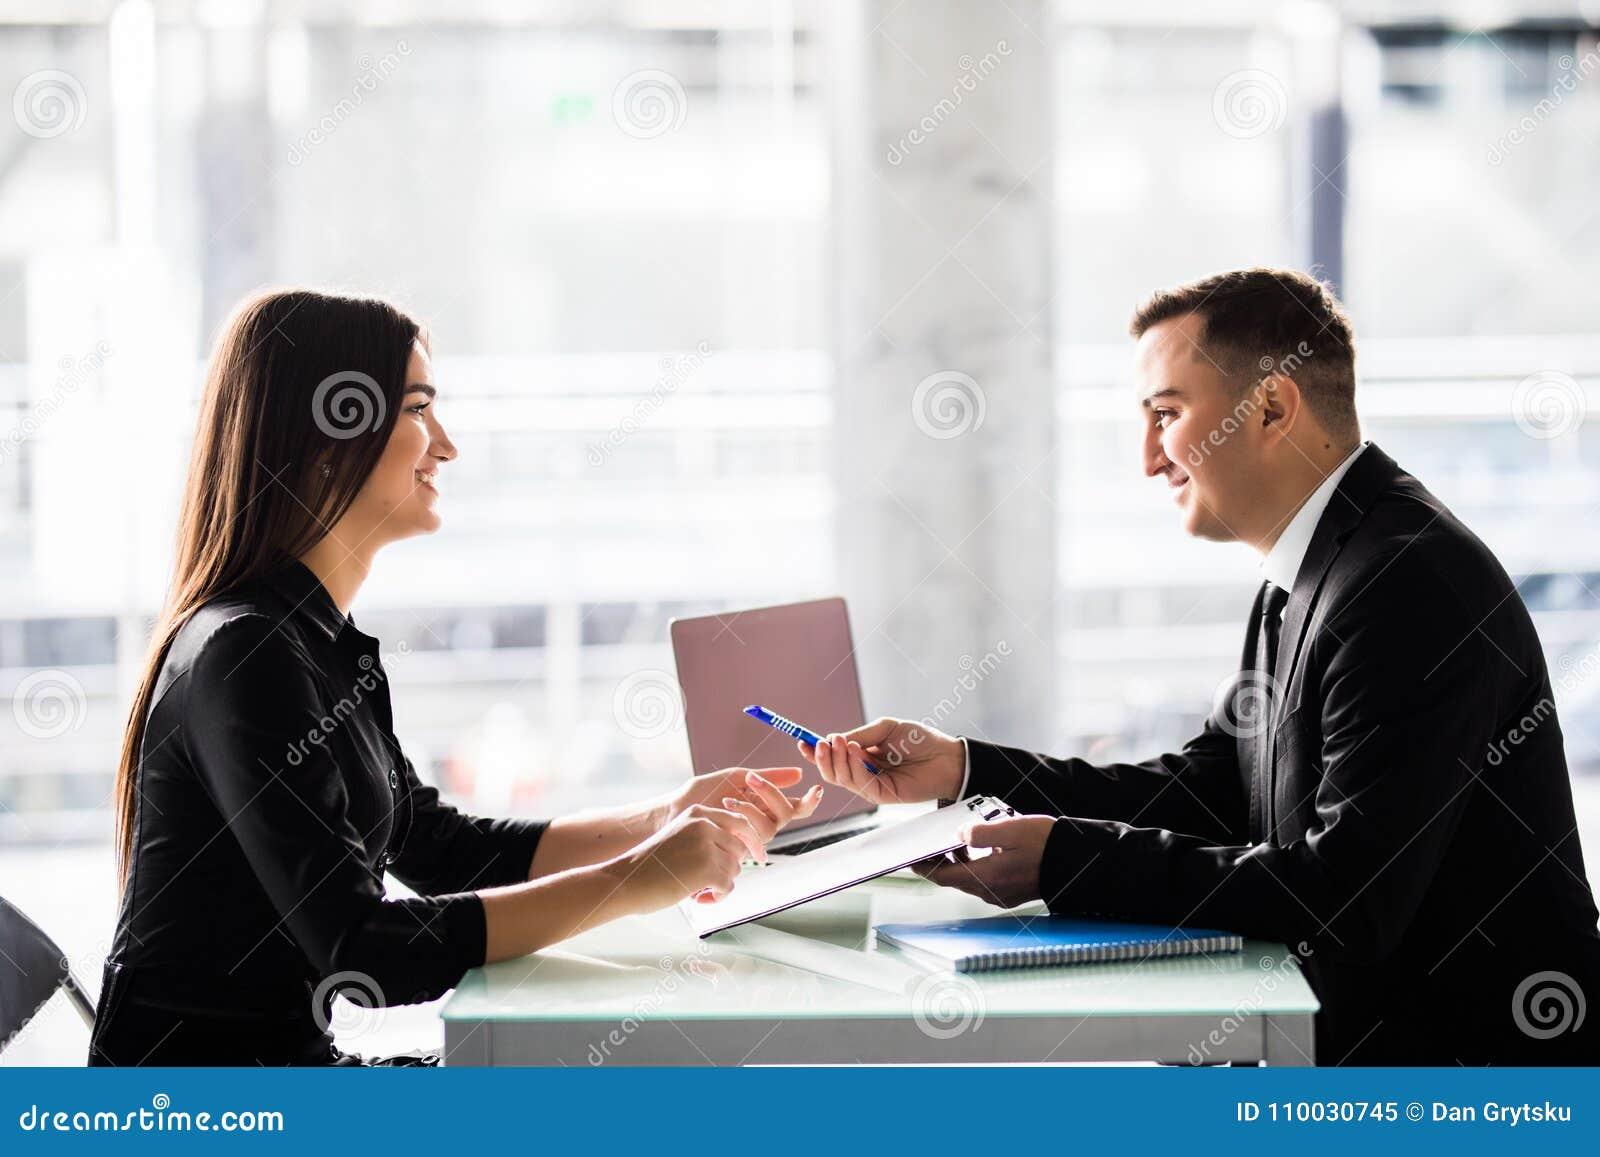 Zakenlui die bij een lijst zitten en een contract ondertekenen op kantoor